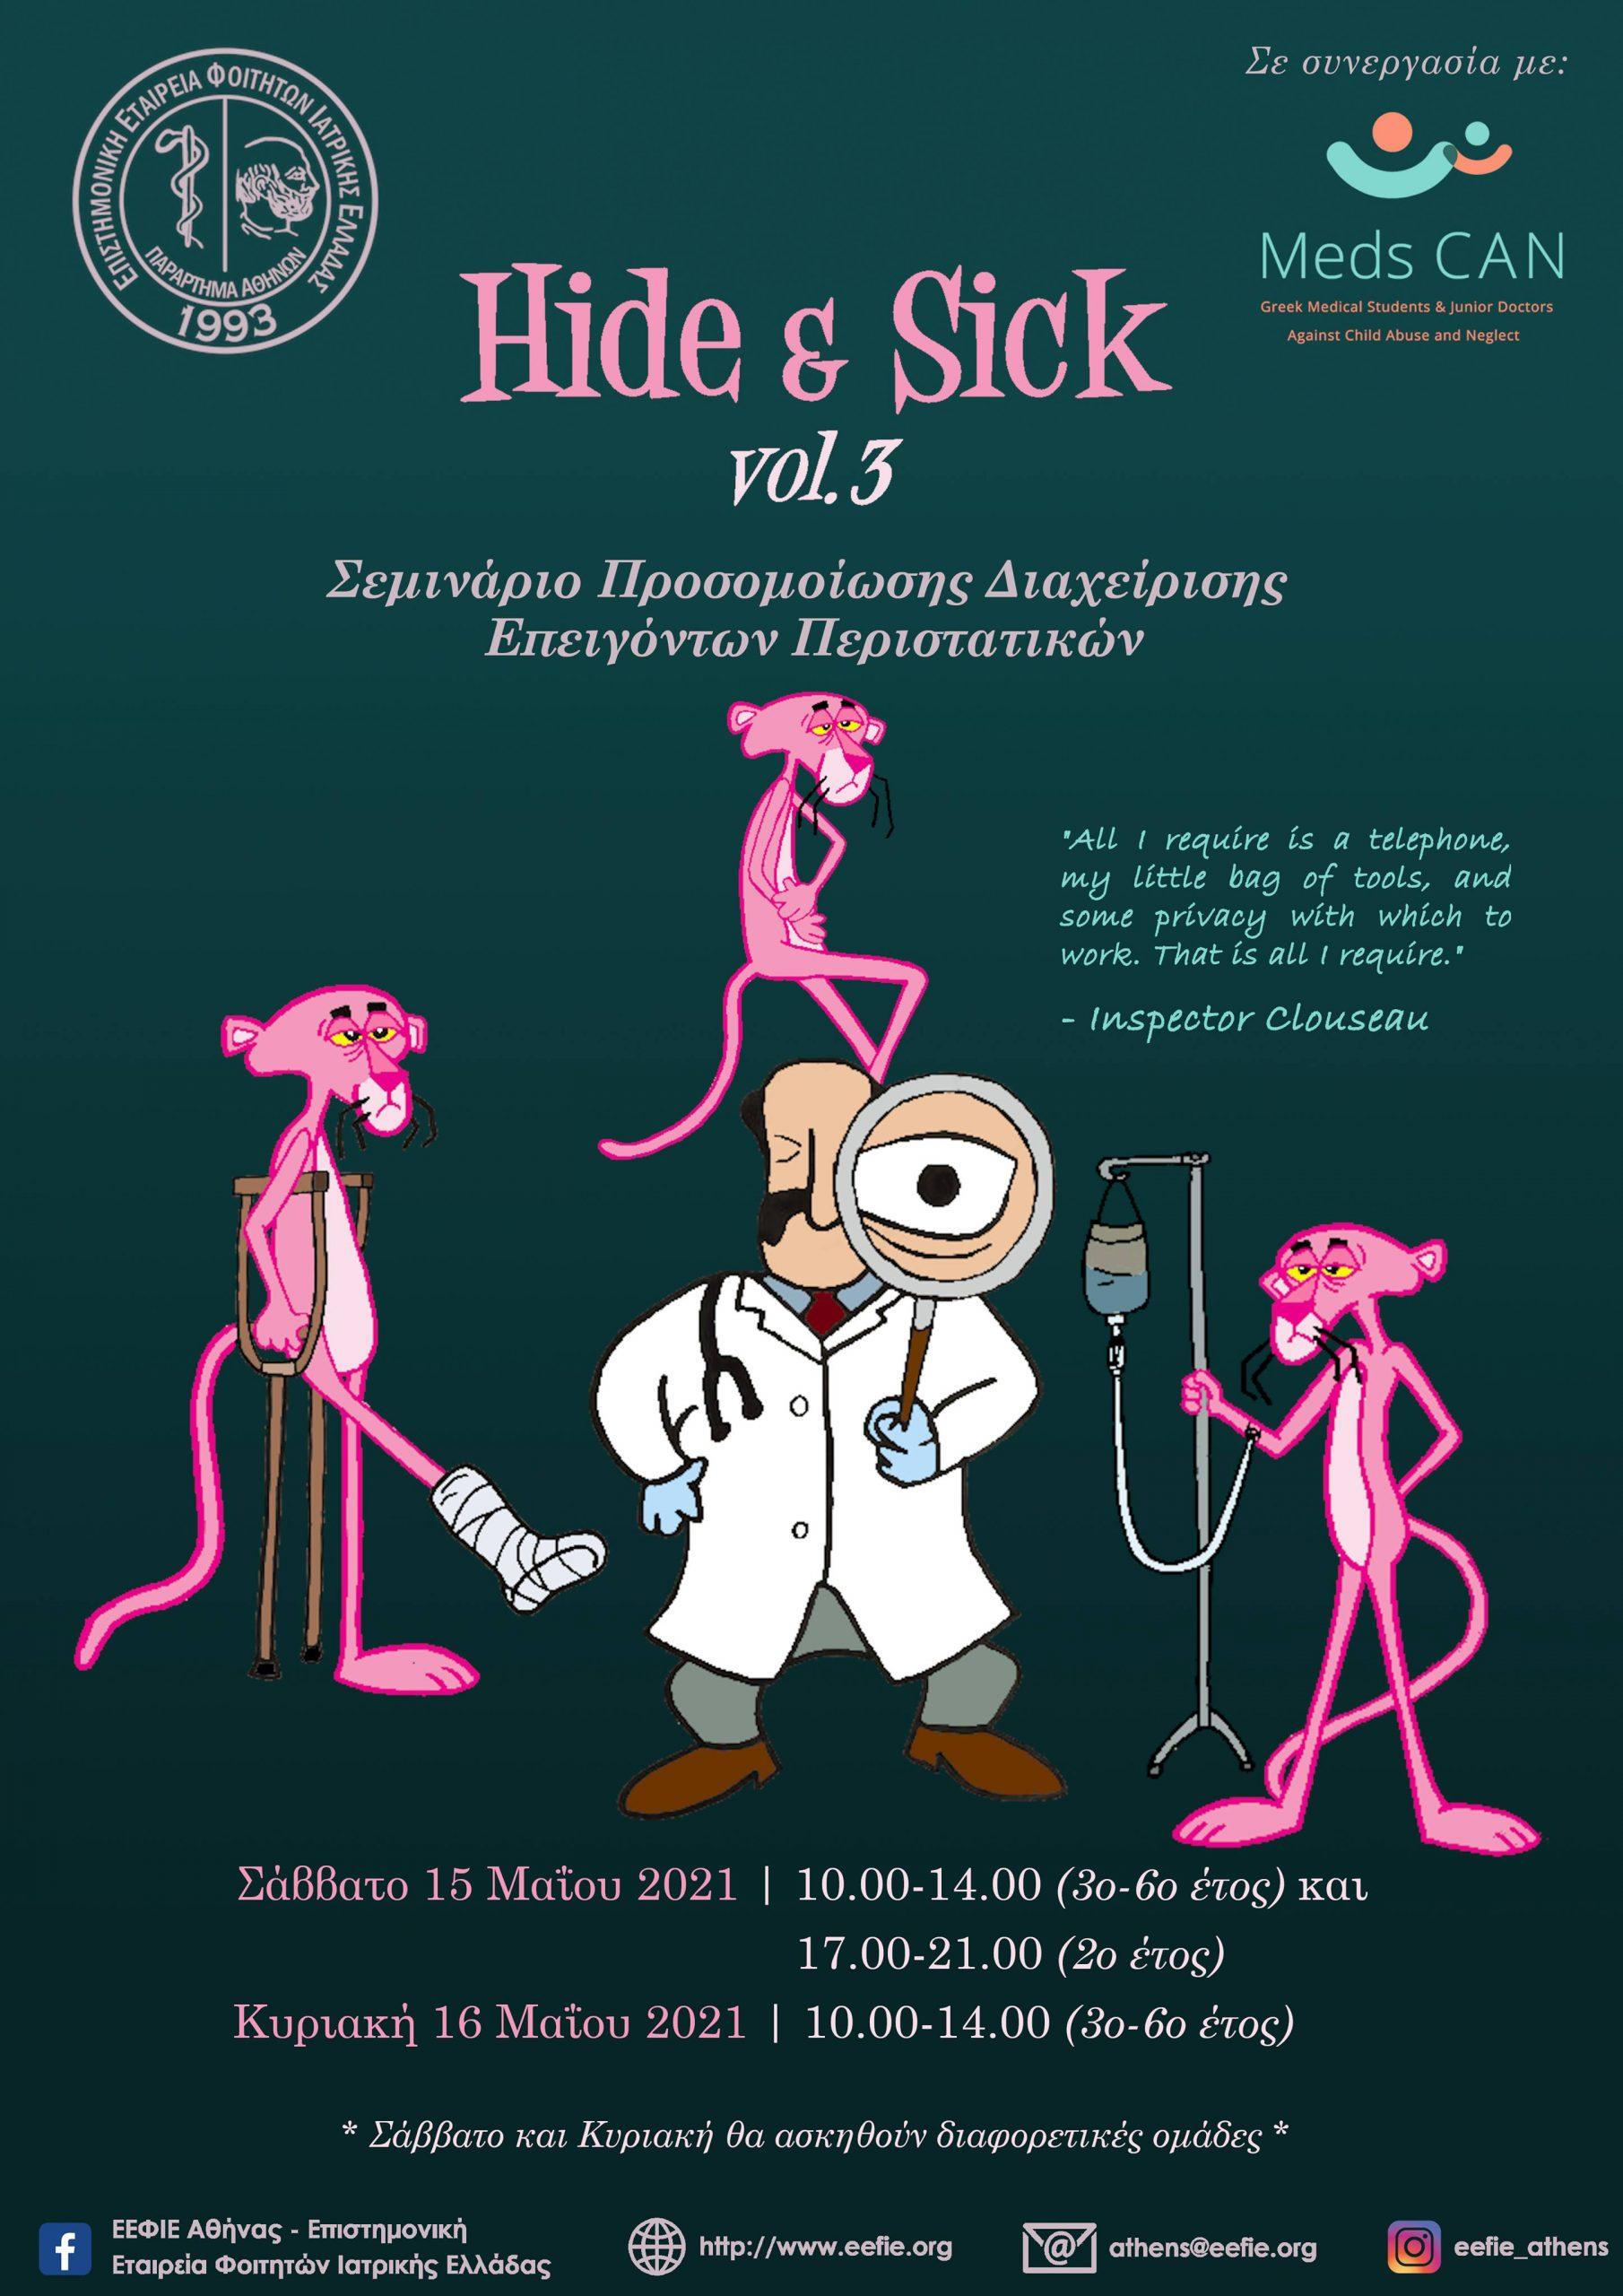 """Σεμινάριο Προσομοίωσης Διαχείρισης Επειγόντων Περιστατικών """"Hide & Sick vol.3"""""""